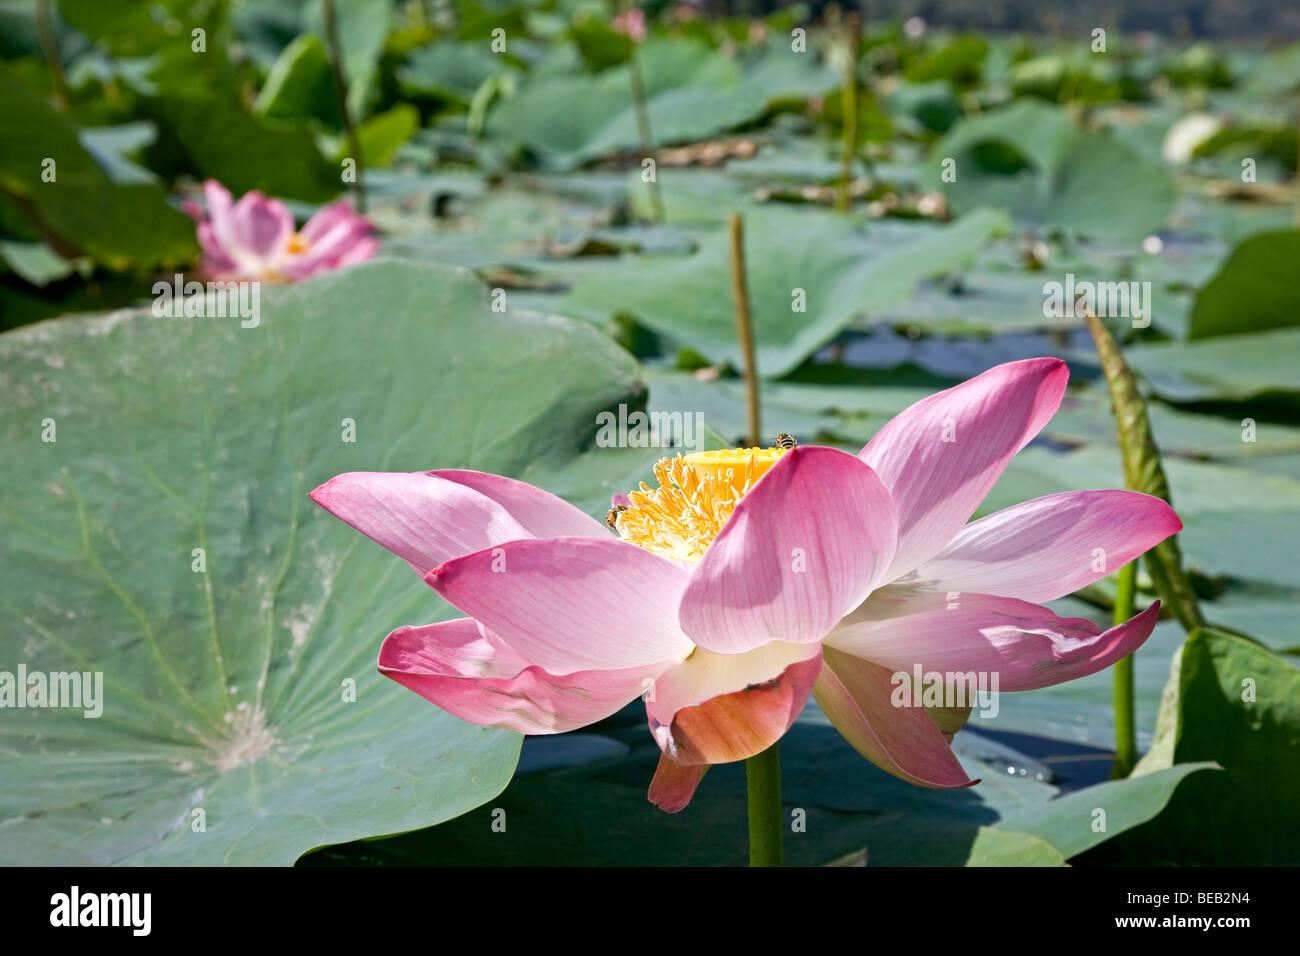 Nelumbium speciosum stock photos nelumbium speciosum stock images lotus flower manasbal lake kashmir india stock image izmirmasajfo